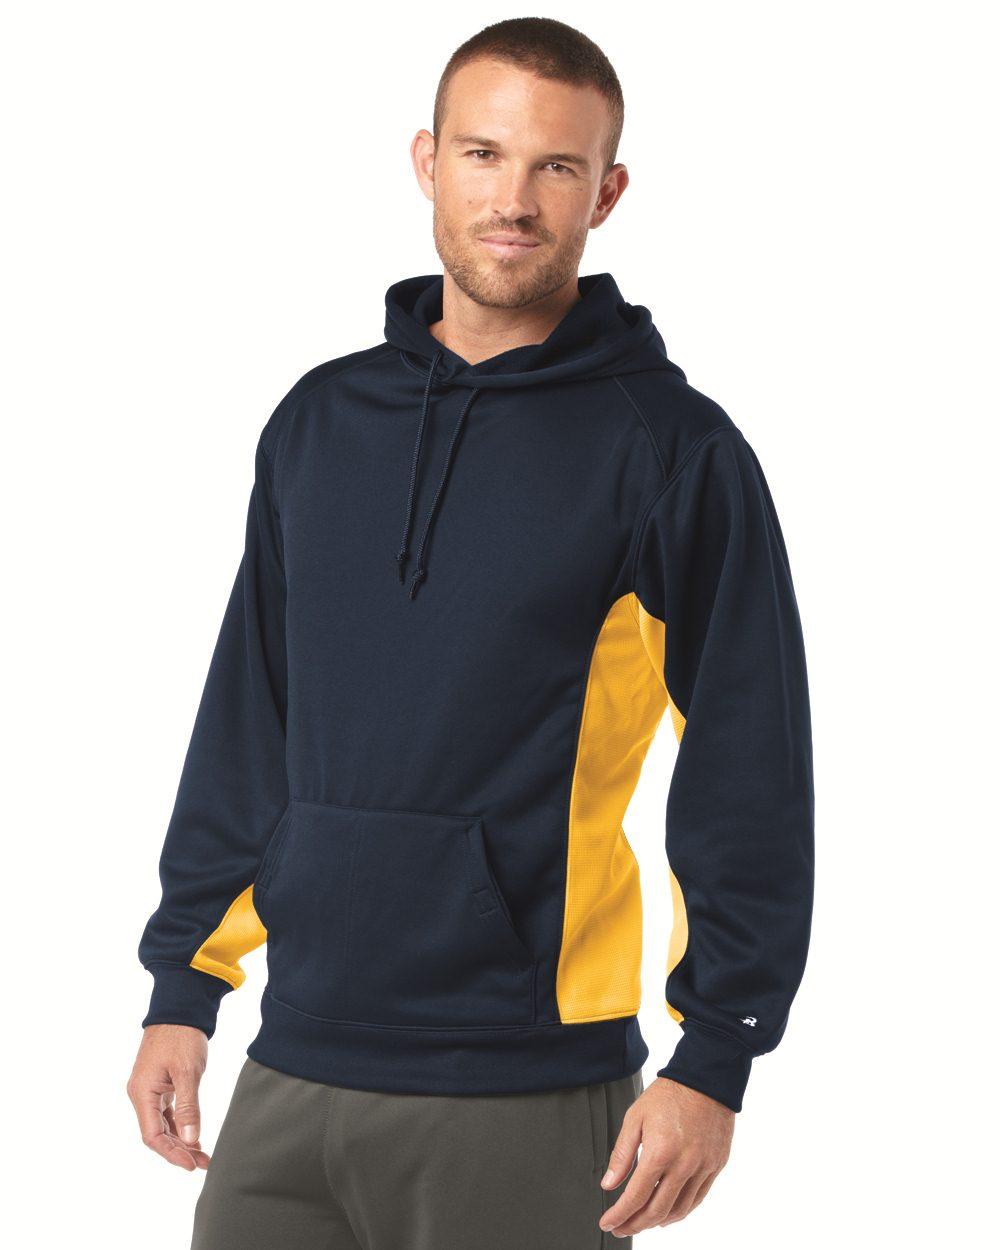 Badger Sport 1454 BT5 Moisture Management Hooded Sweatshirt